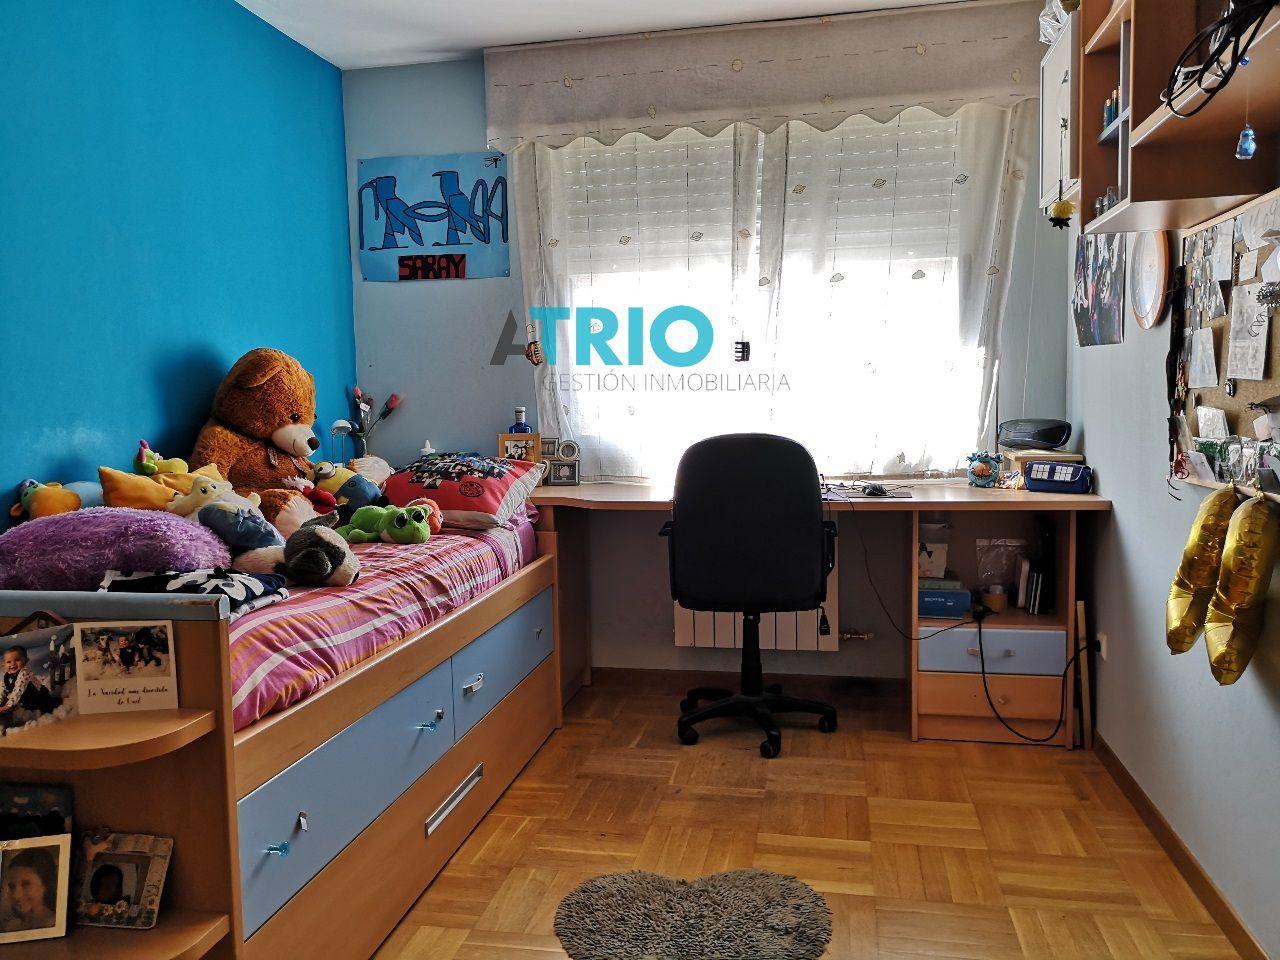 dia.mobiliagestion.es/Portals/inmoatrio/Images/5829/2988562